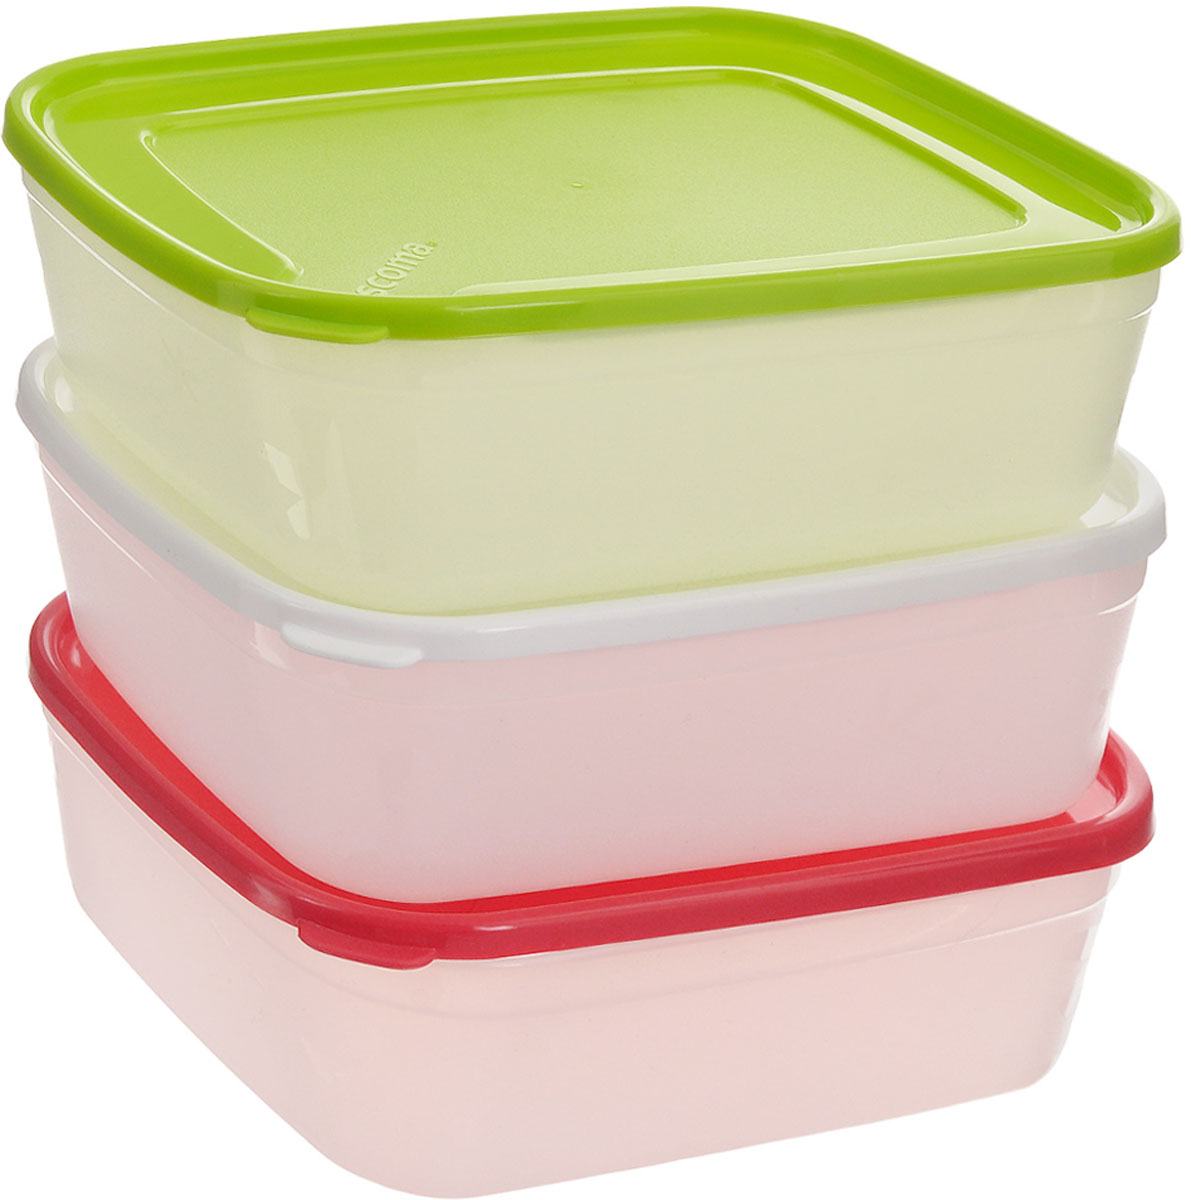 Набор контейнеров для заморозки Tescoma Purity, 1 л, 3 штTK 0177Набор Tescoma Purity, выполненный из высококачественного пищевого пластика, состоит из трех контейнеров с плотно закрывающимися цветными крышками. Изделия отлично подходят для хранения продуктов в морозильной камере или холодильнике. Контейнеры удобно складываются друг в друга, что экономит пространство при хранении в шкафу.Пригодны для морозильников, холодильников, микроволновых печей. При использовании в микроволновой печи всегда оставляйте крышку приоткрытой. Можно мыть в посудомоечной машине. Объем контейнера: 1 л.Размер контейнера (без учета крышки): 17 х 13 х 6,7 см.